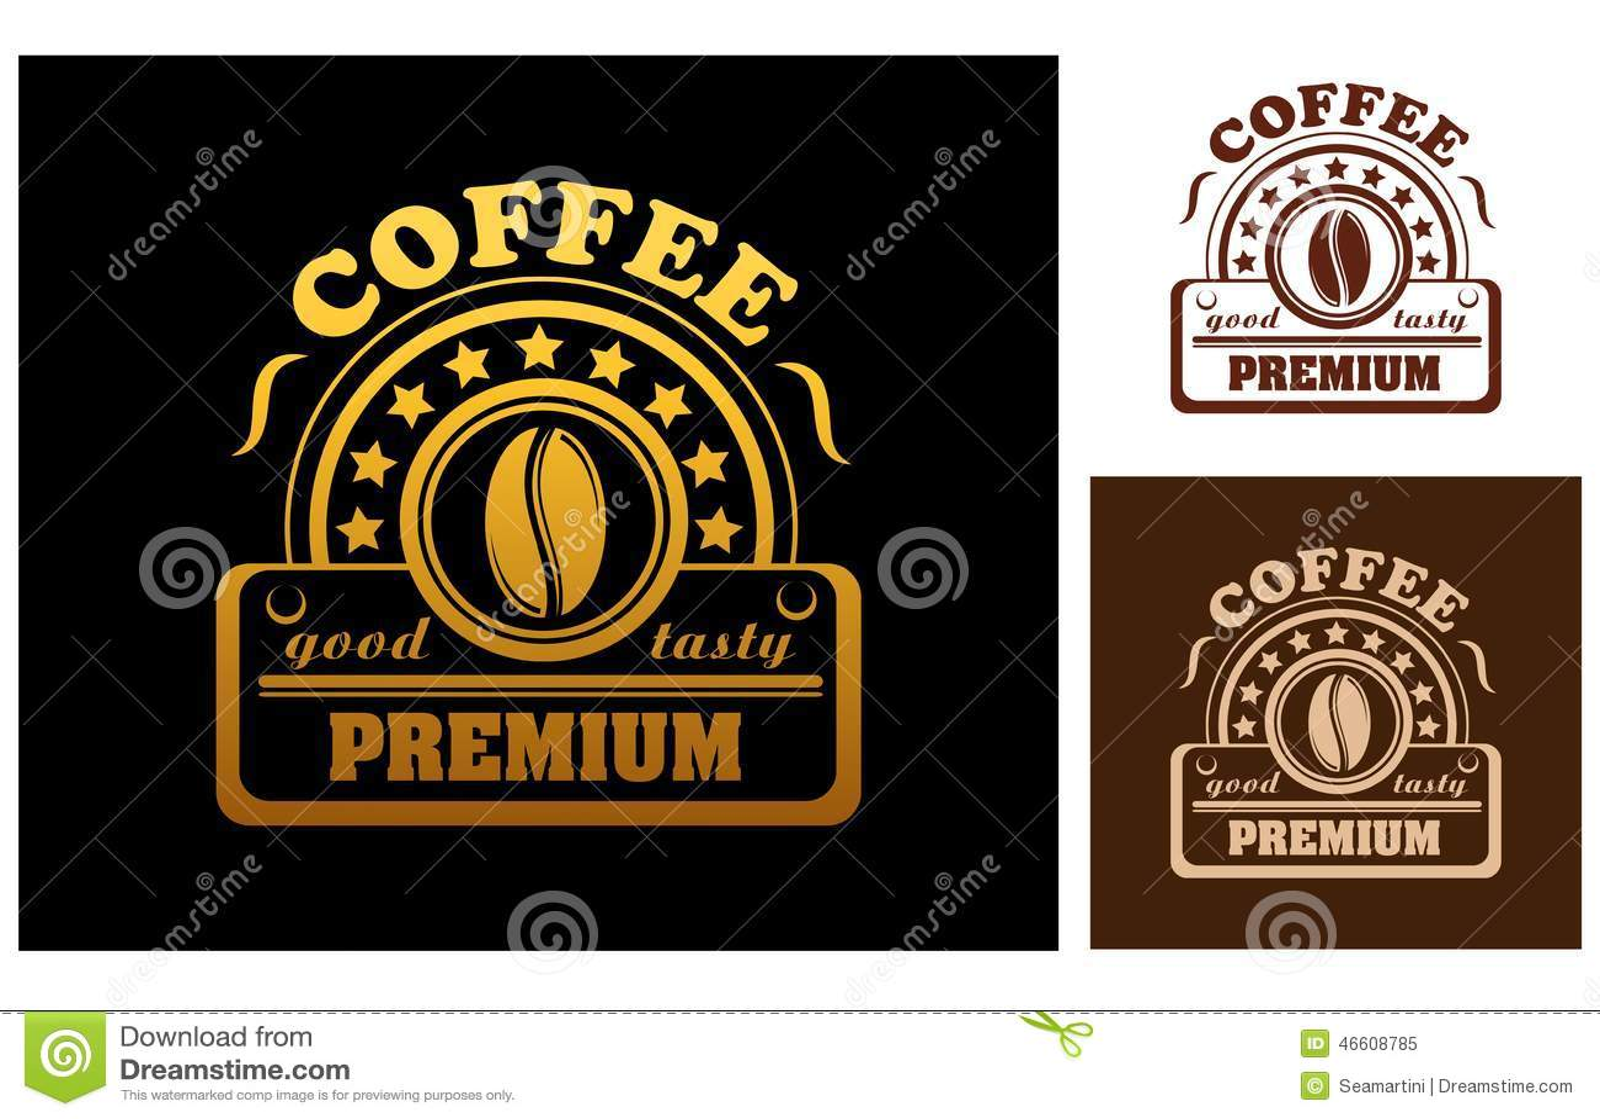 Premium Coffee label or badge